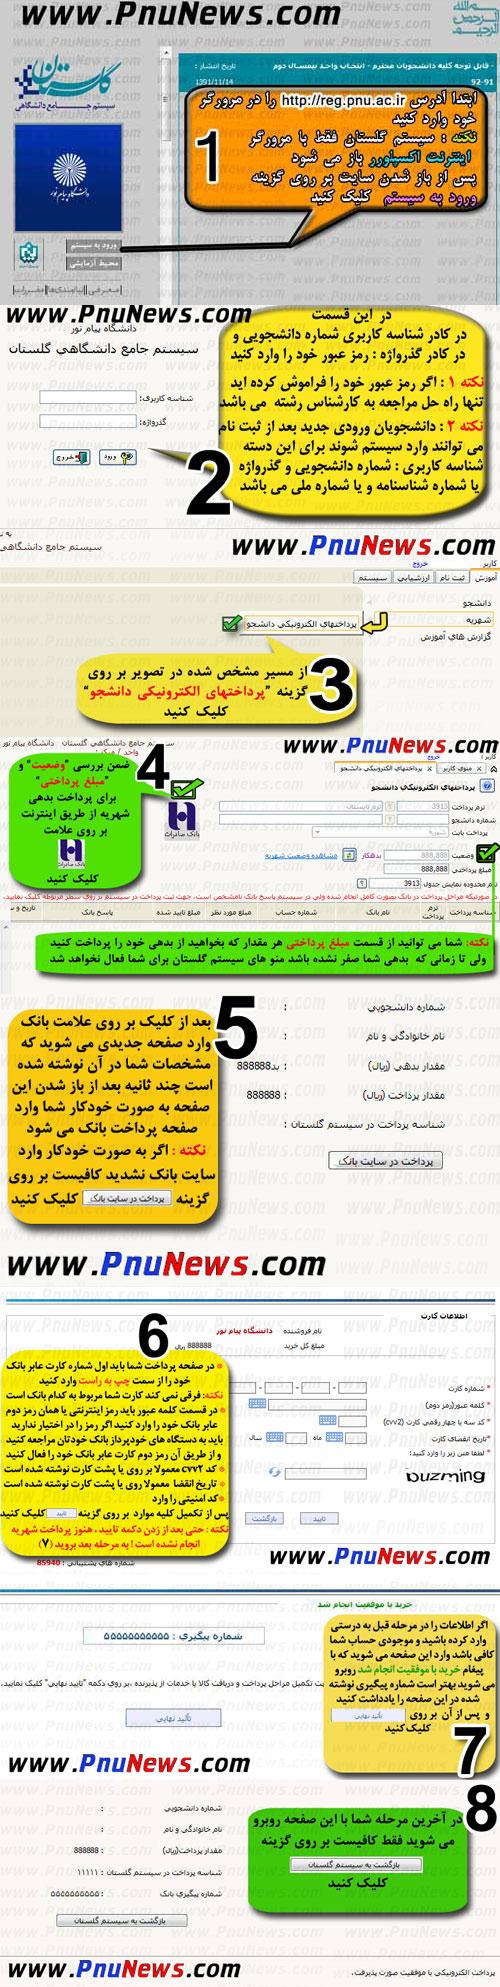 e-sh-02(www.pnunews.com)